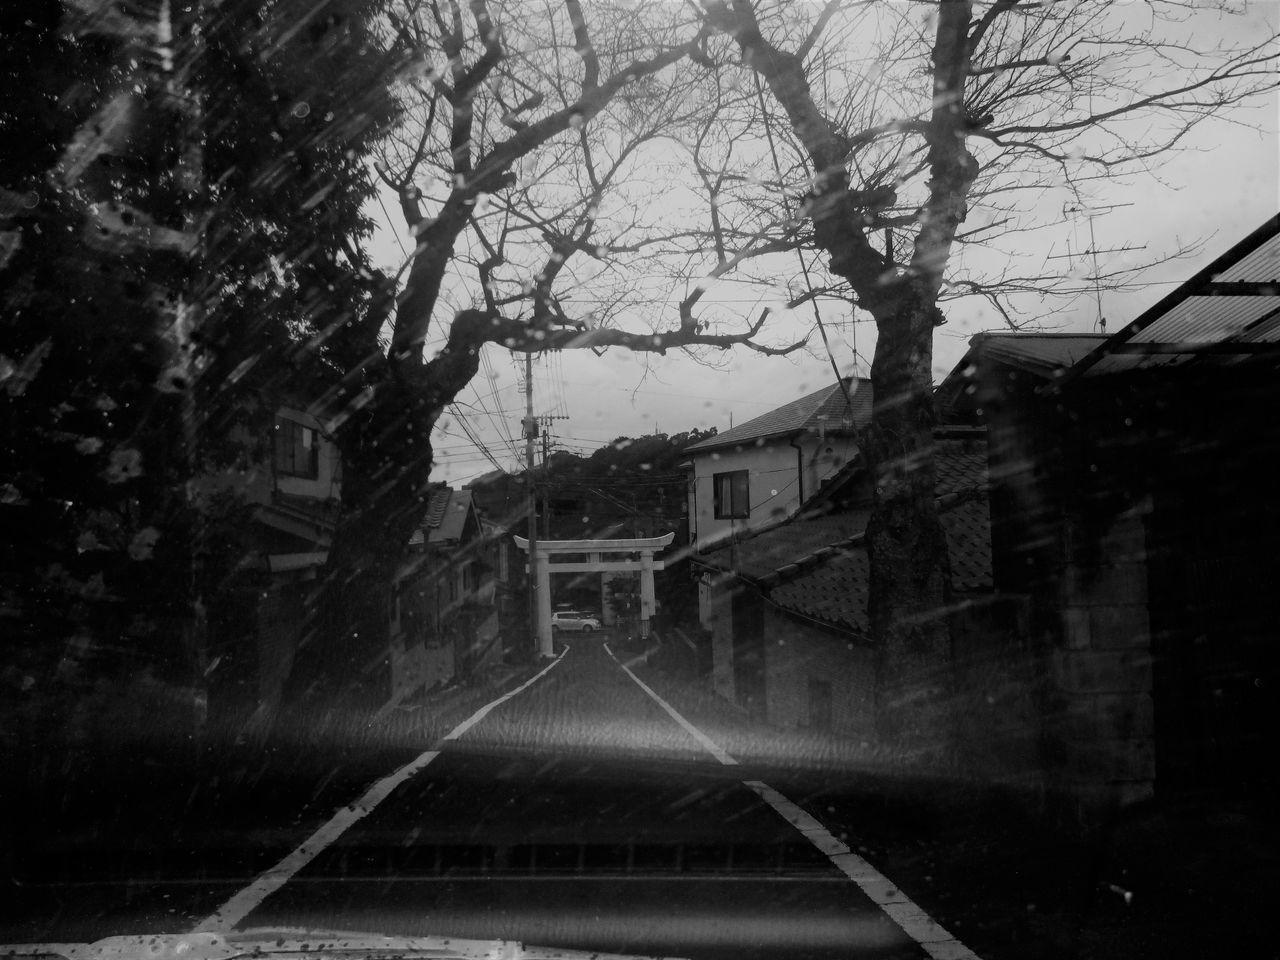 Road 早岐神社